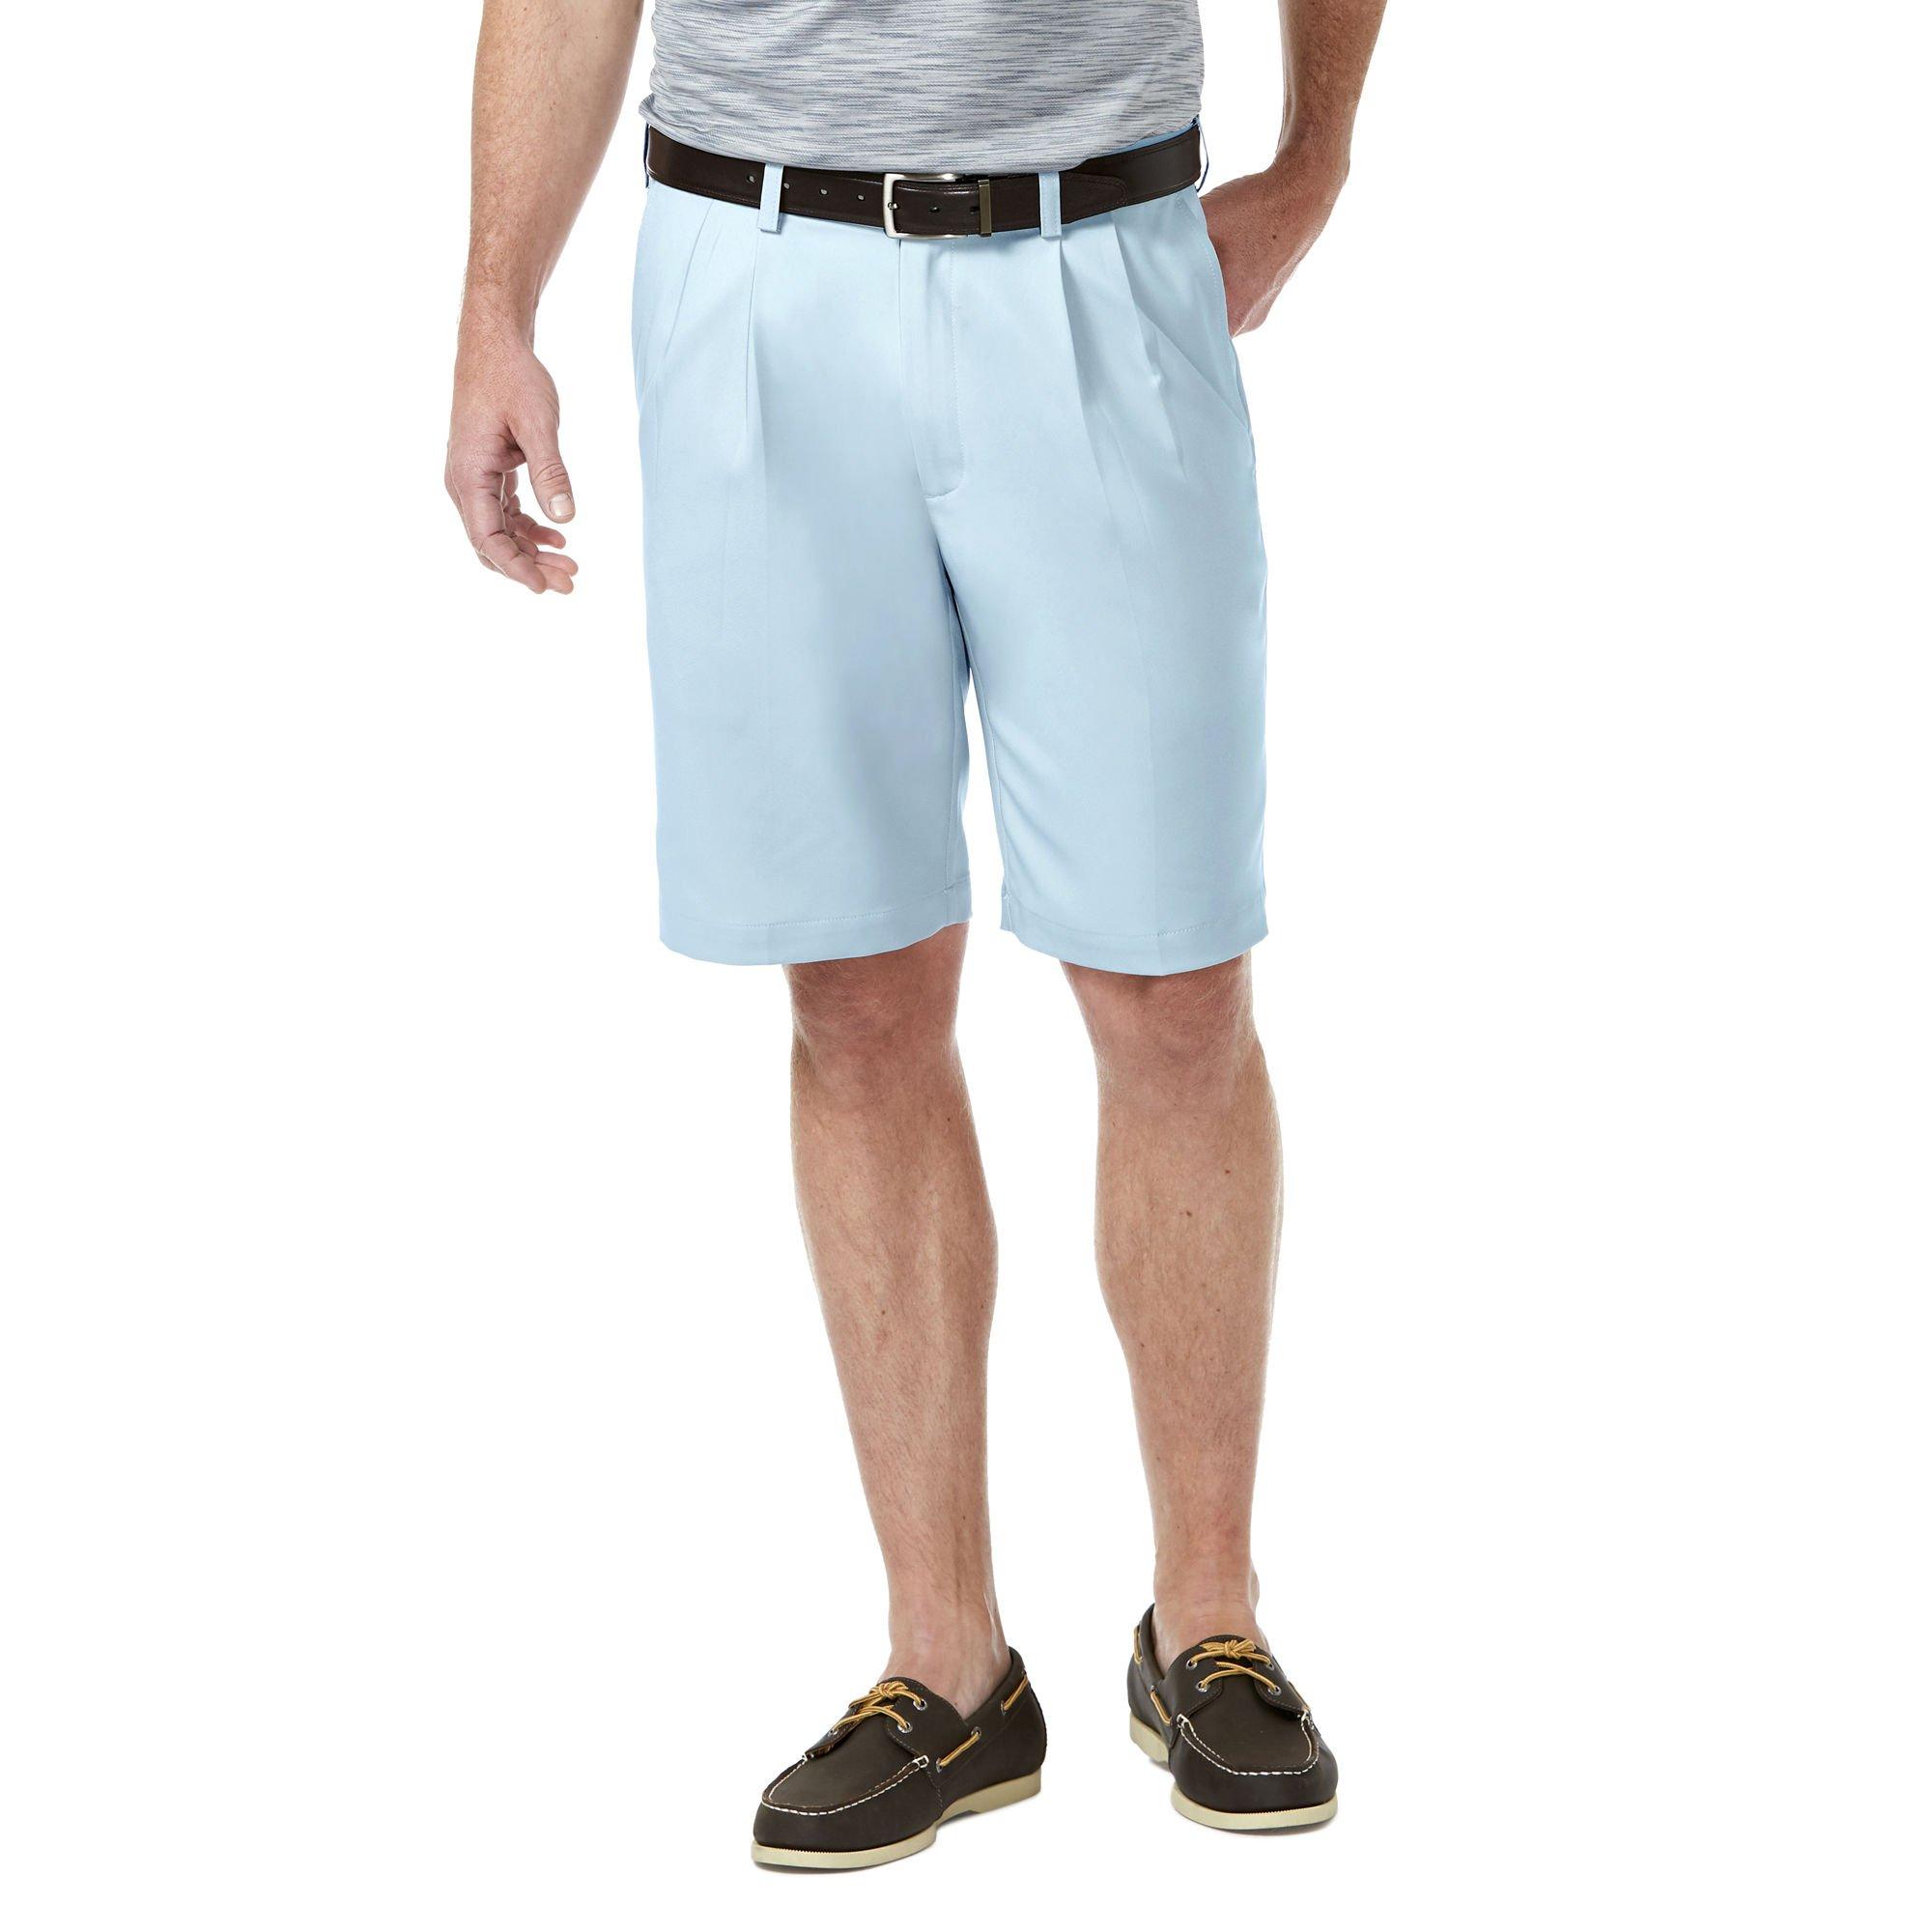 Haggar HS00439 Men's Cool 18 Pro Short, Light Blue - 36